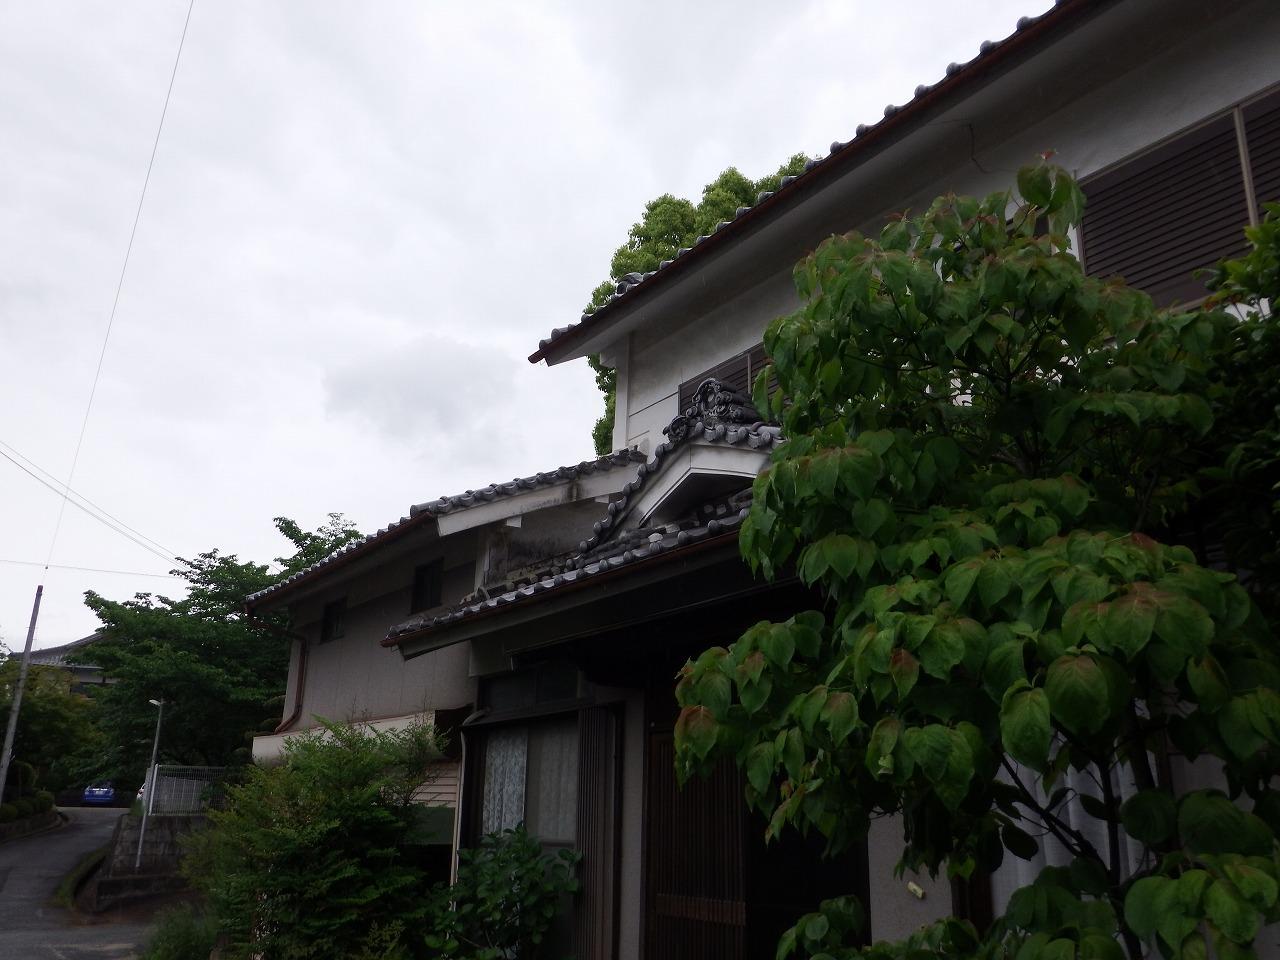 橿原市の2階建の瓦屋根の住宅